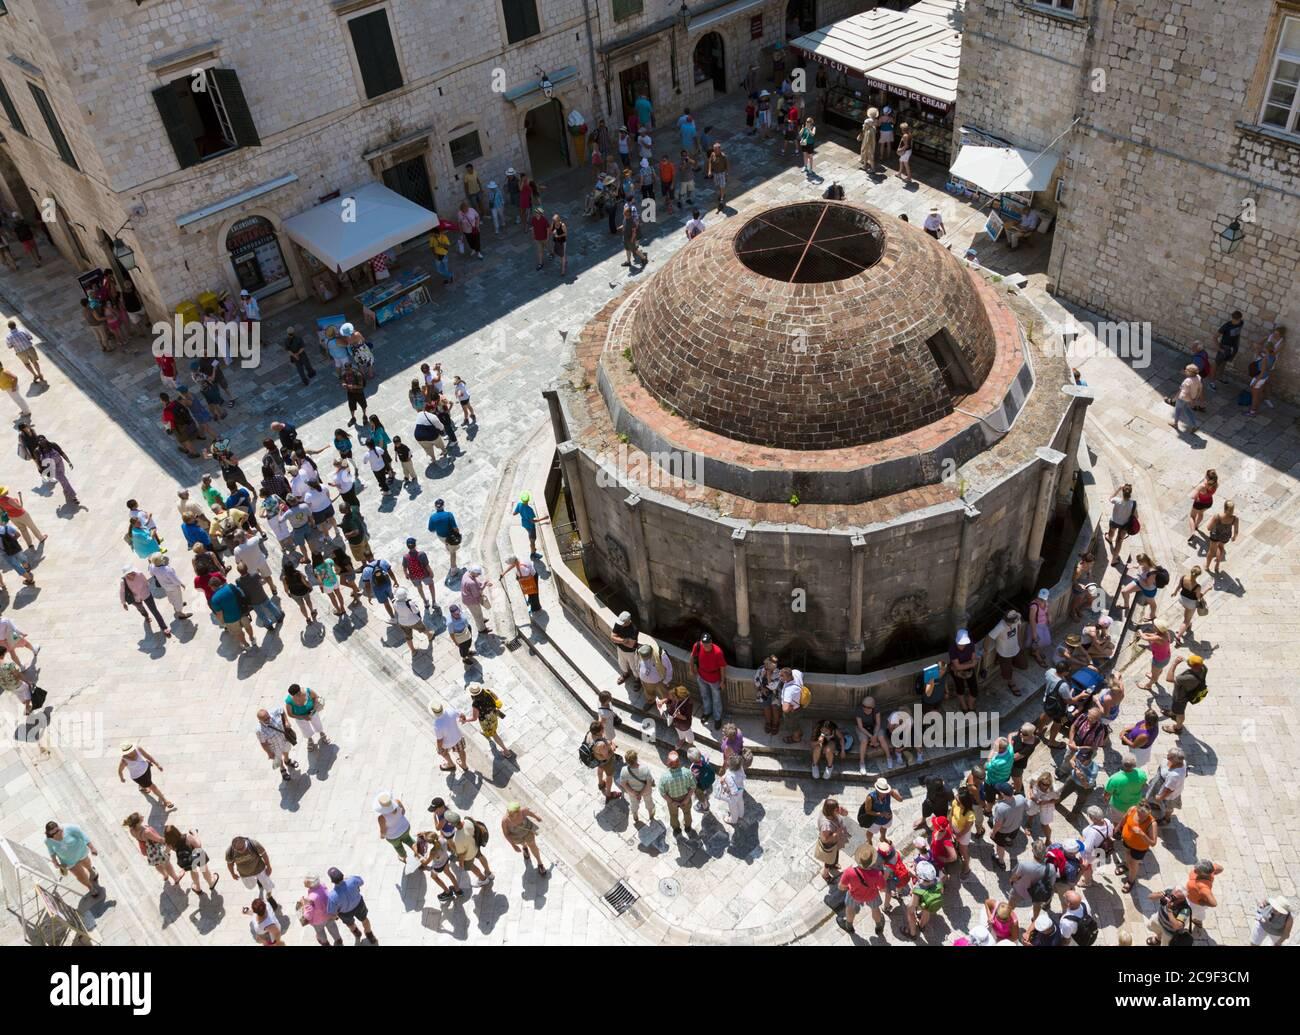 Dubrovnik, Croatie, comté de Dubrovnik-Neretva. La grande fontaine d'Onofrio. La vieille ville de Dubrovnik est un UNESCO World Heritage Site. Banque D'Images